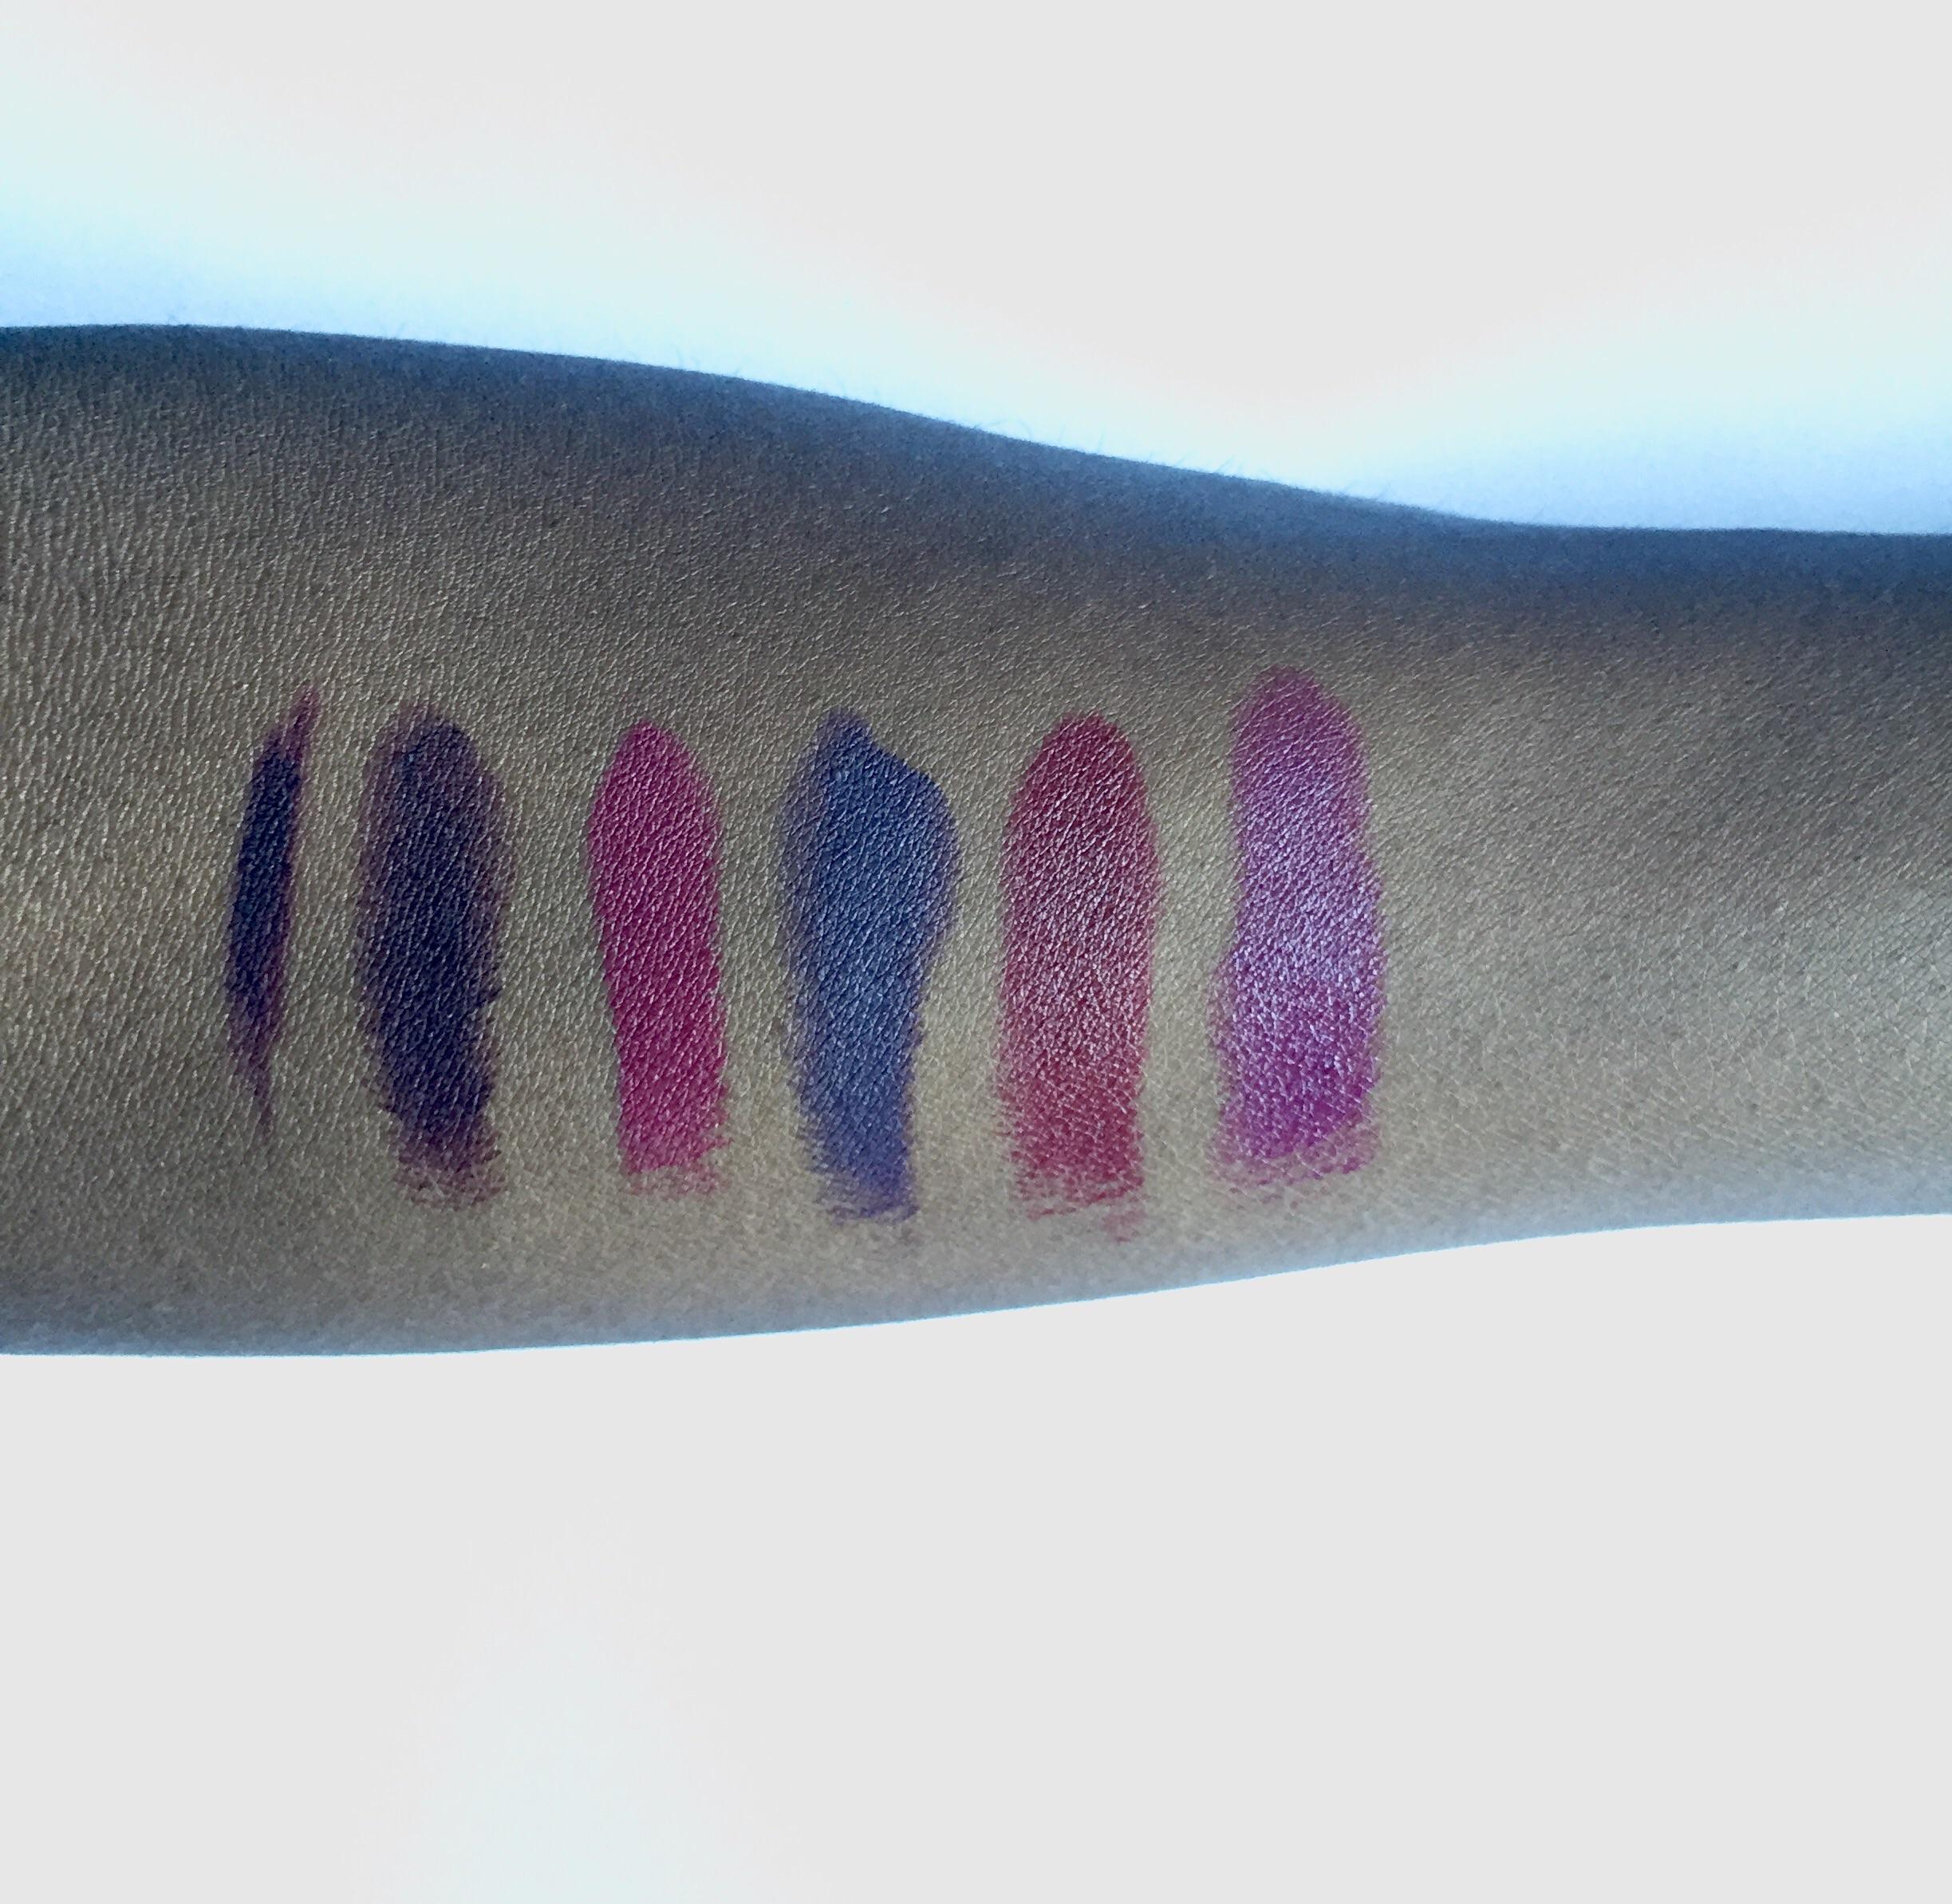 L to R: OCC Lip Pencil Dahlia, Kat Von D Homegirl, M.A.C D For Danger, M.A.C Smoked Purple, NARS Audacious Charlotte, M.A.C. Rebel